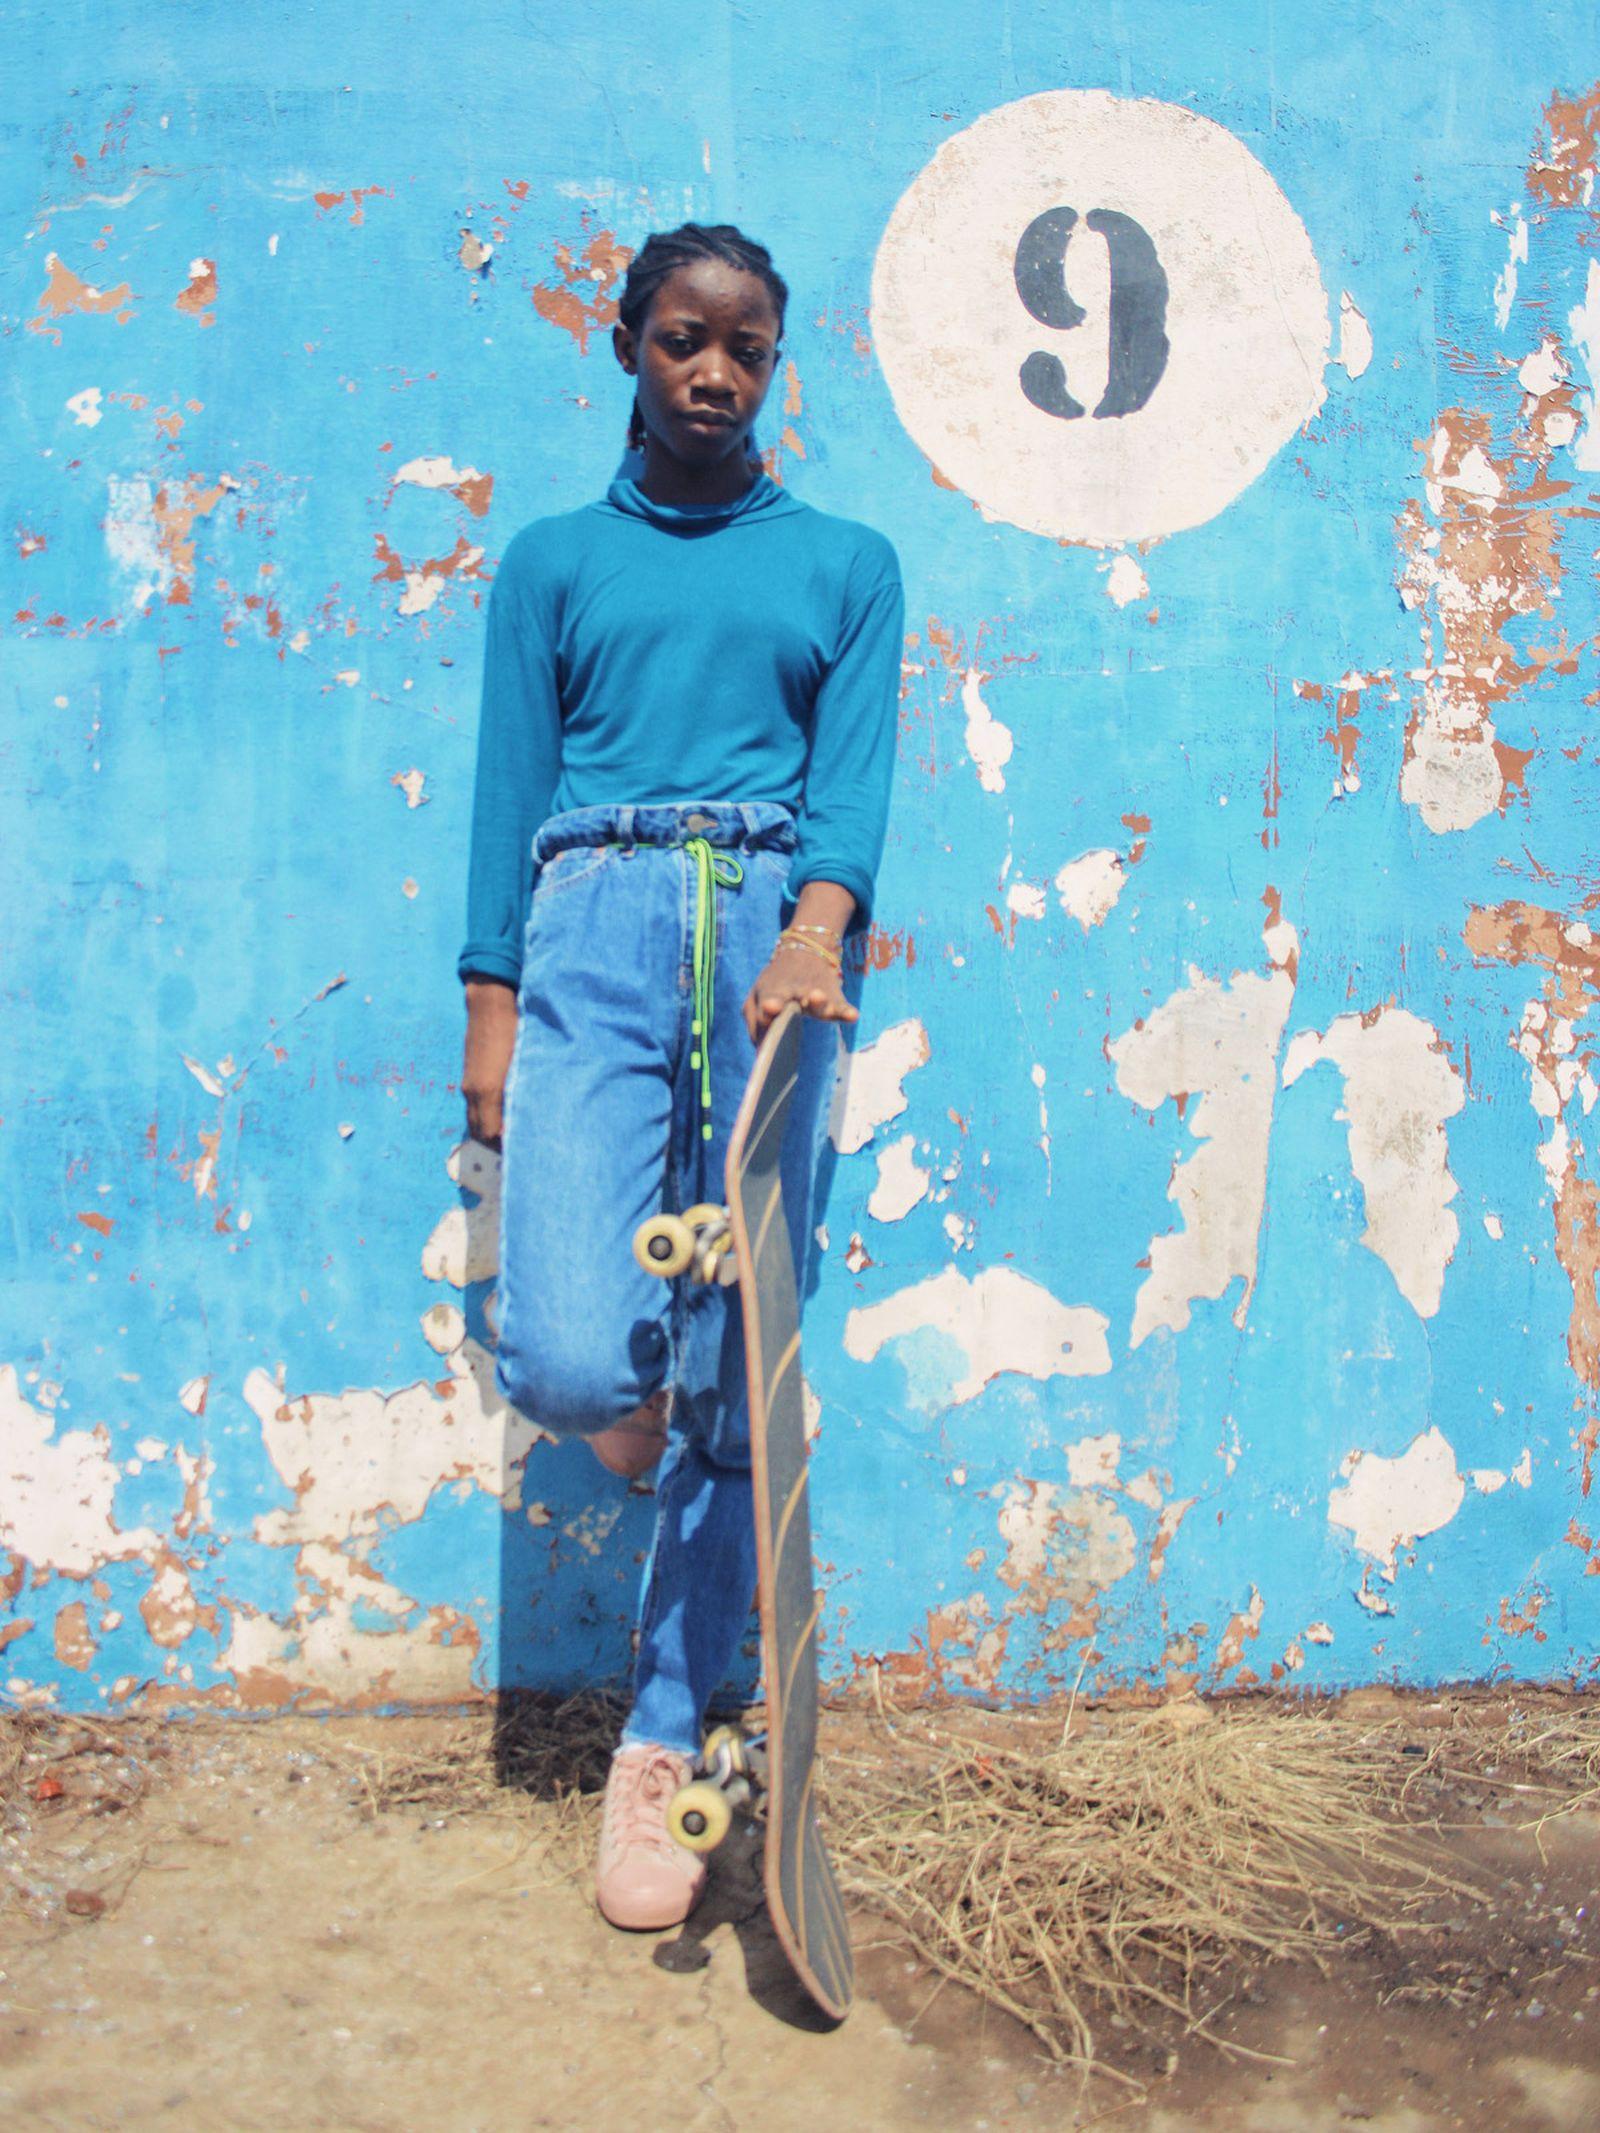 ghanas-first-skate-park-much-skateboarding-05